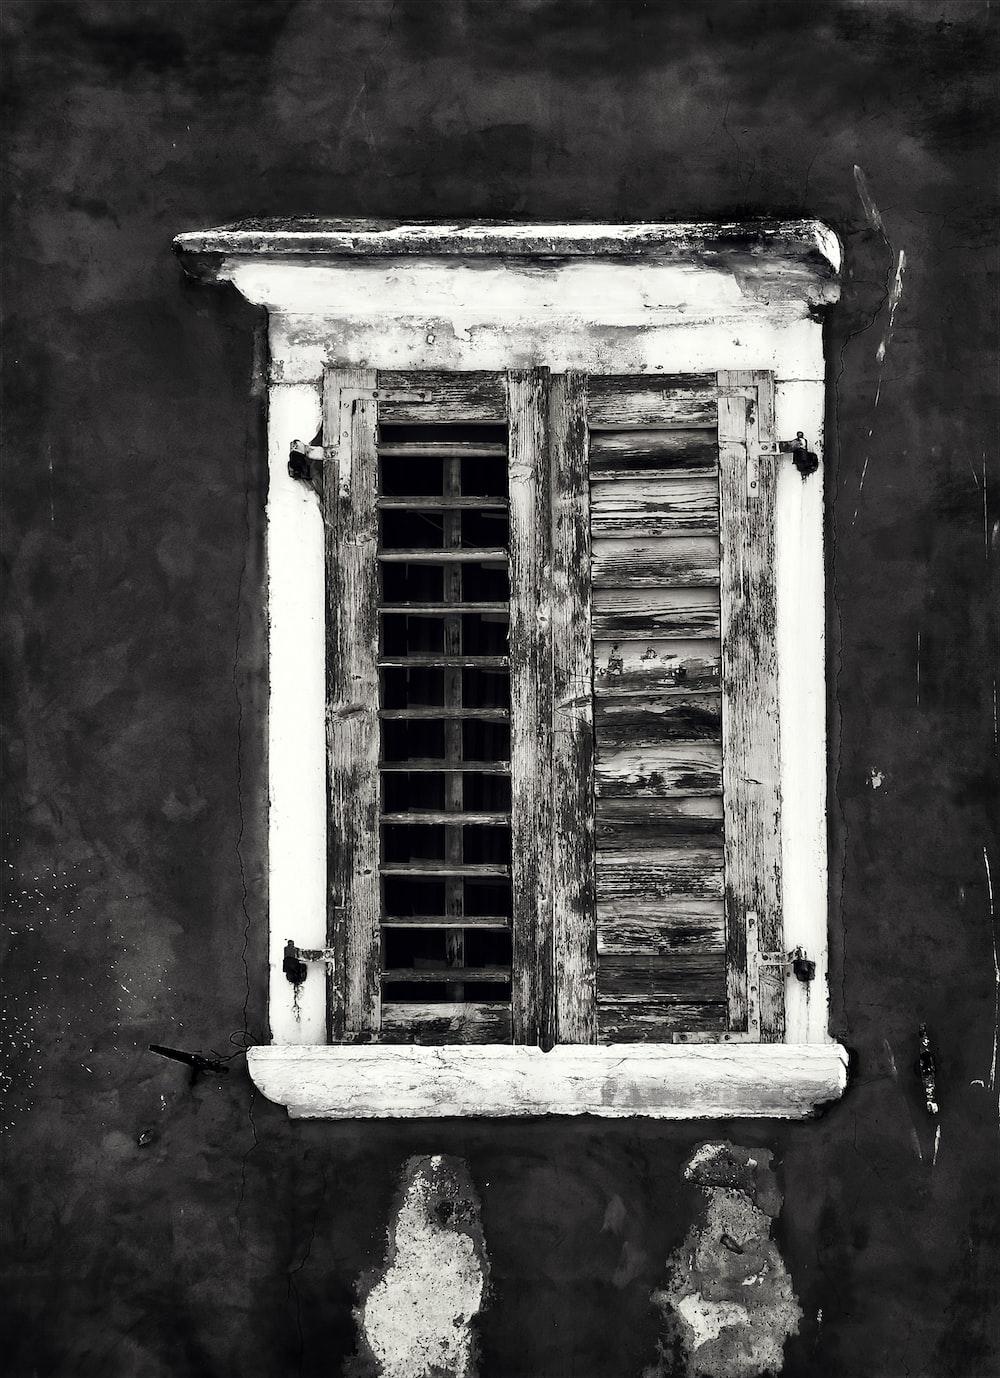 grayscale photography of opened window